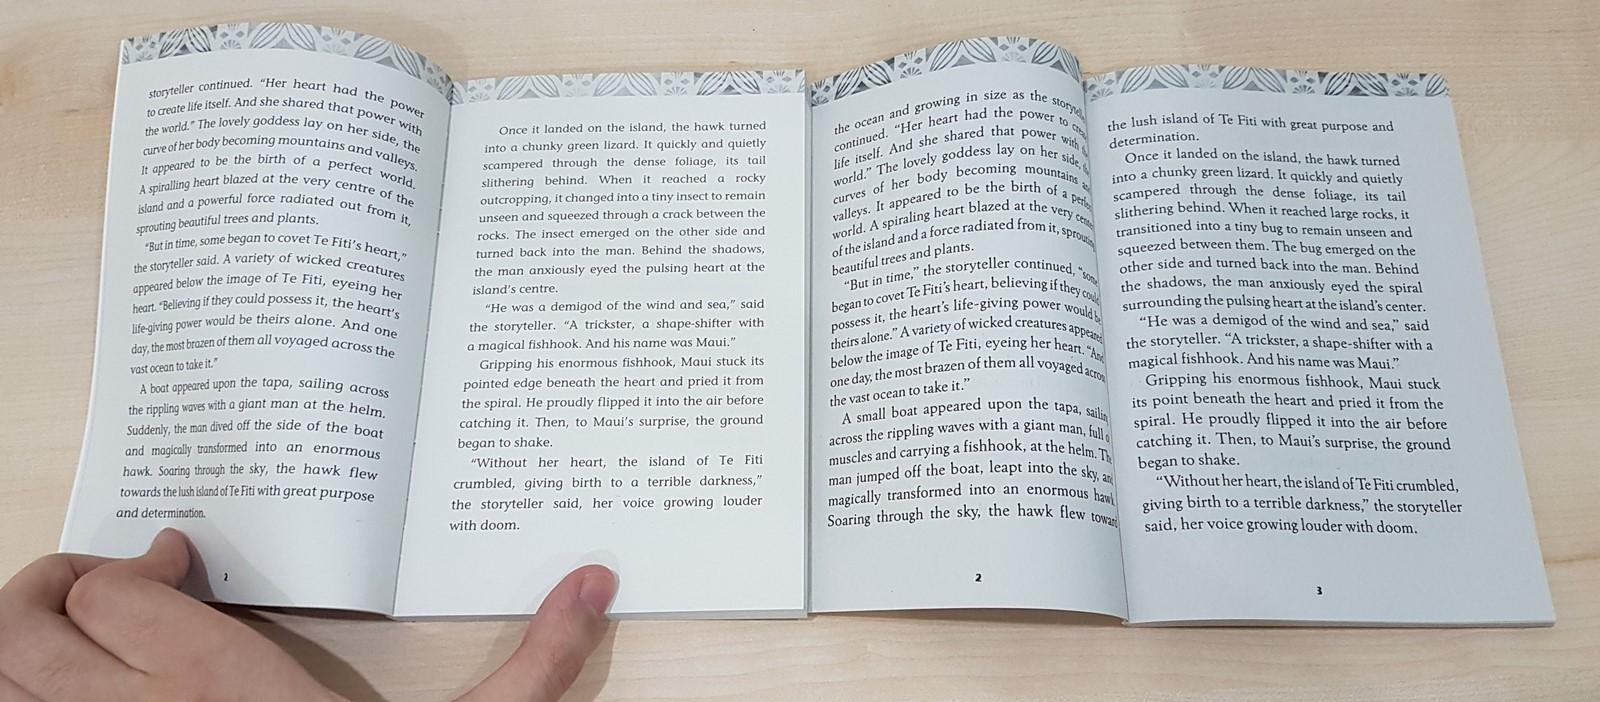 좌: Moana: The Book of the Film, 우: Moana: The Junior Novelization